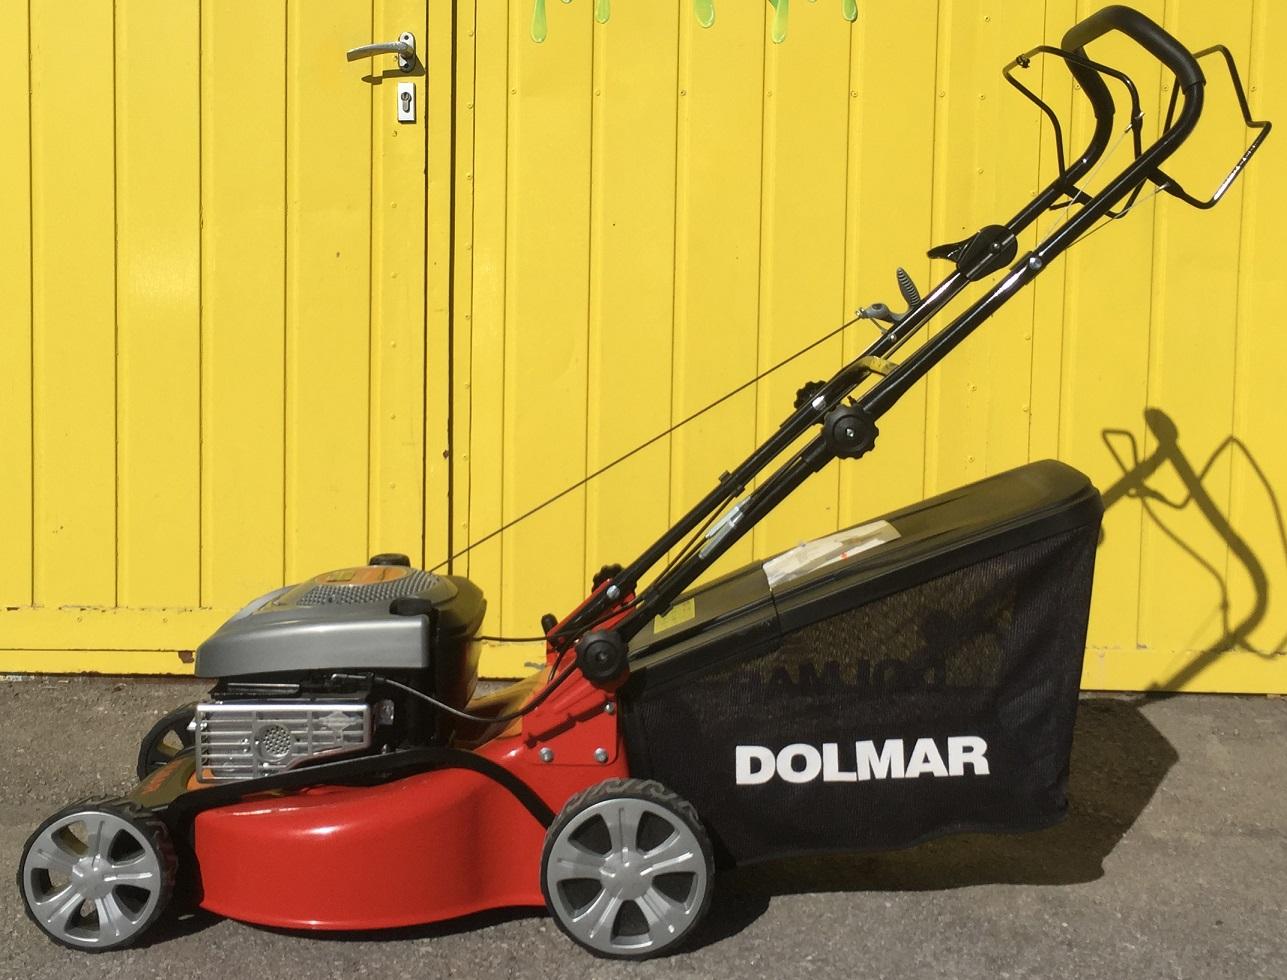 Dolmar Pm 4601 S Ersatzteile : ariens rasenmaeher schneefraesen amw pausch ~ Kayakingforconservation.com Haus und Dekorationen